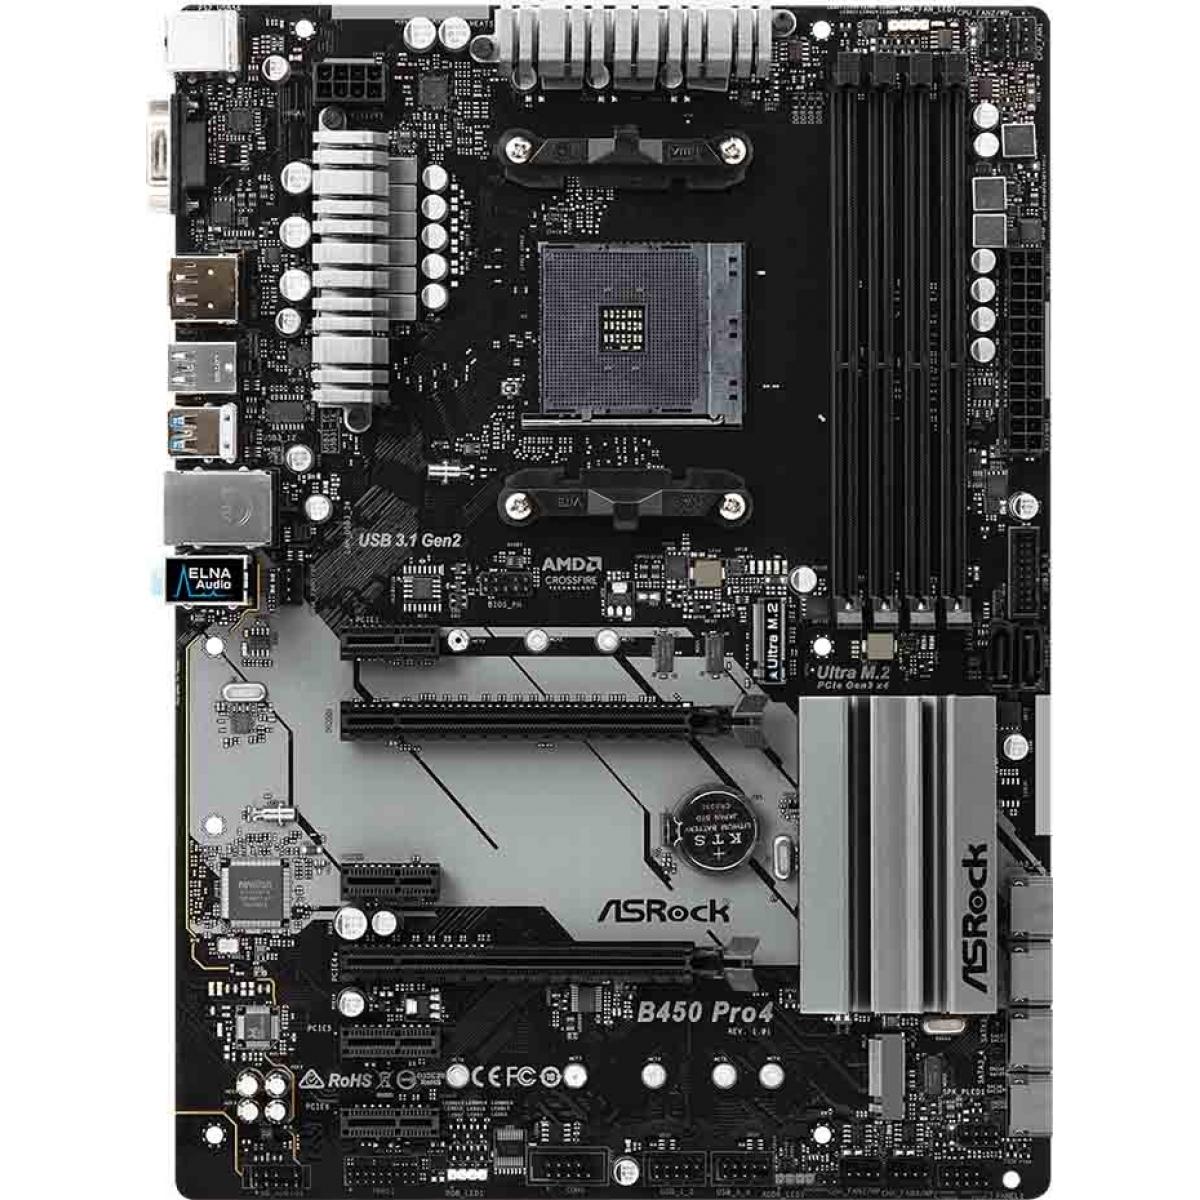 Placa Mãe ASRock B450 PRO4, Chipset B450, AMD AM4, ATX, DDR4